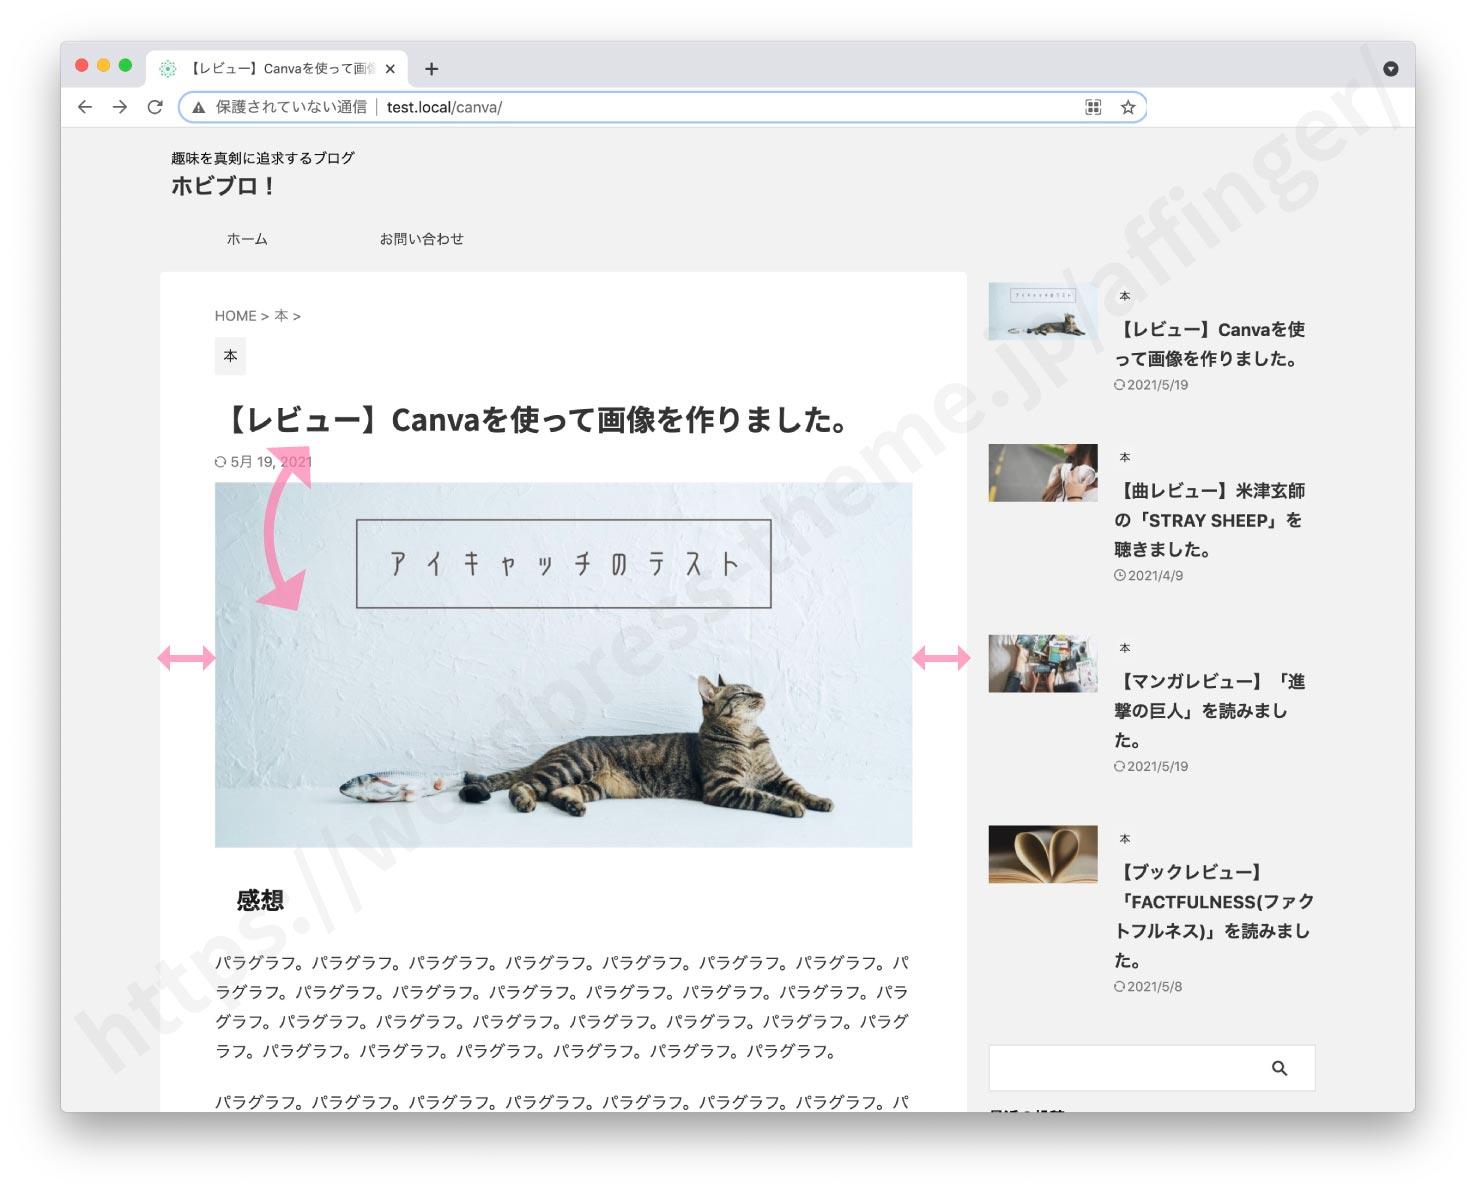 アイキャッチ画像をタイトルの下に表示した例